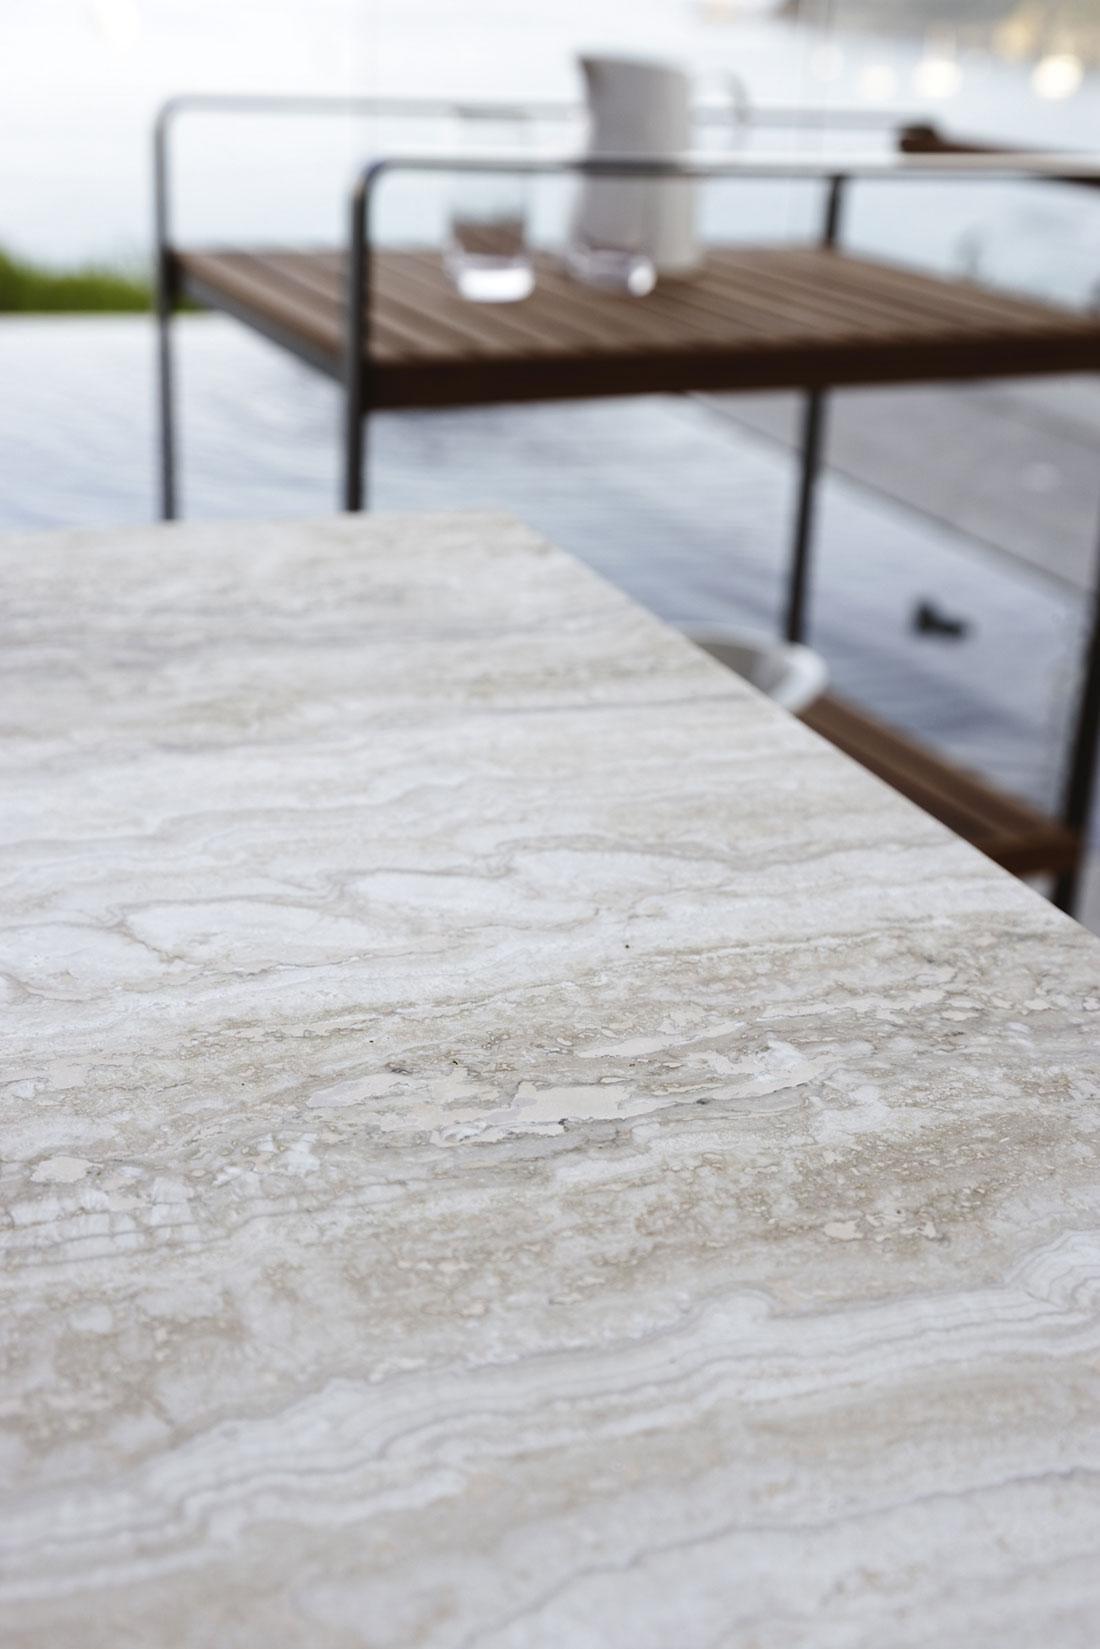 tavolo da pranzo rettangolare da esterno giardino made in italy design prezzi arredamento da esterno lusso marco Acerbis teak marmo travertino